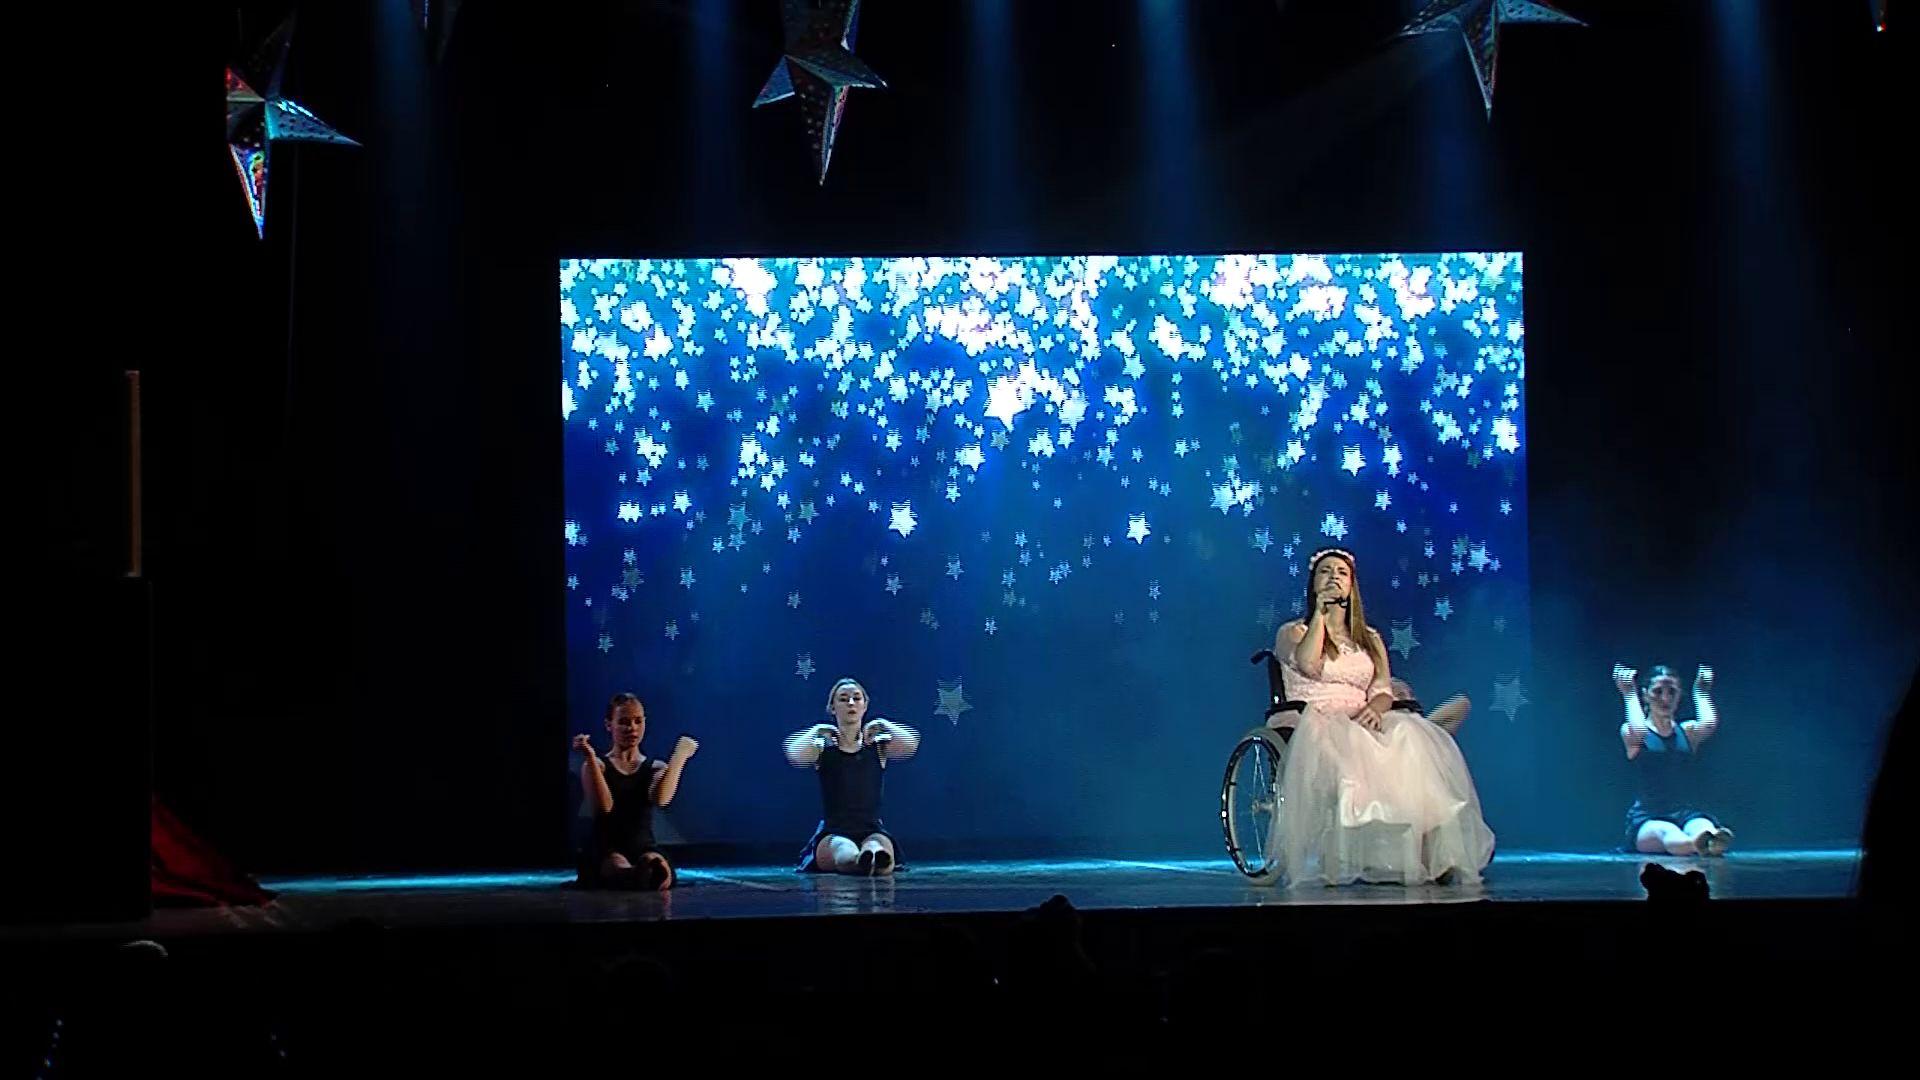 Ярославский фестиваль «Виктория» получил федеральный грант за победу во всероссийском конкурсе